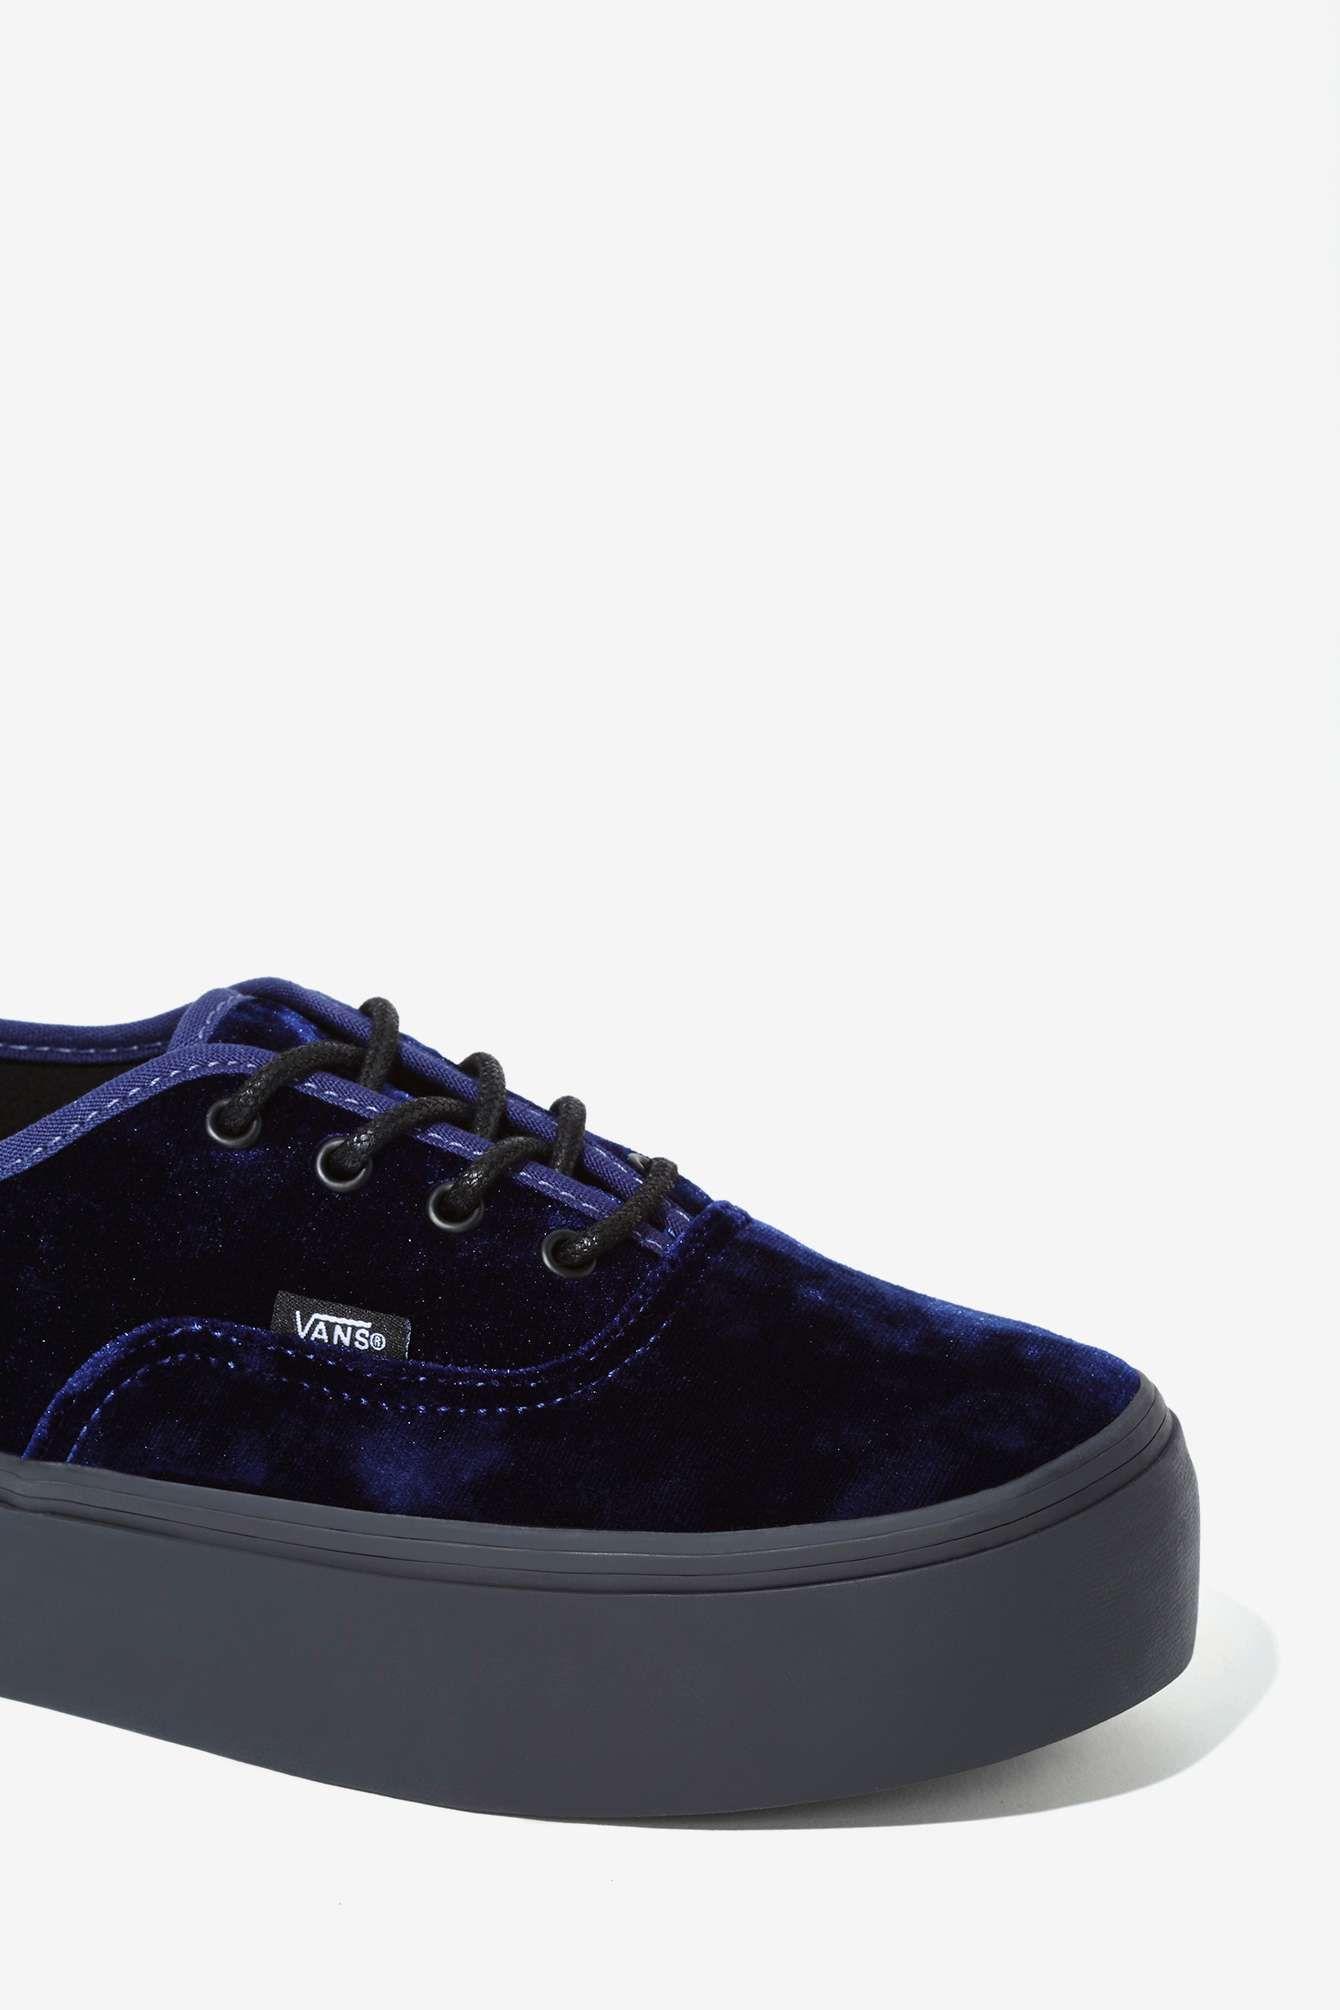 zapatillas vans terciopelo